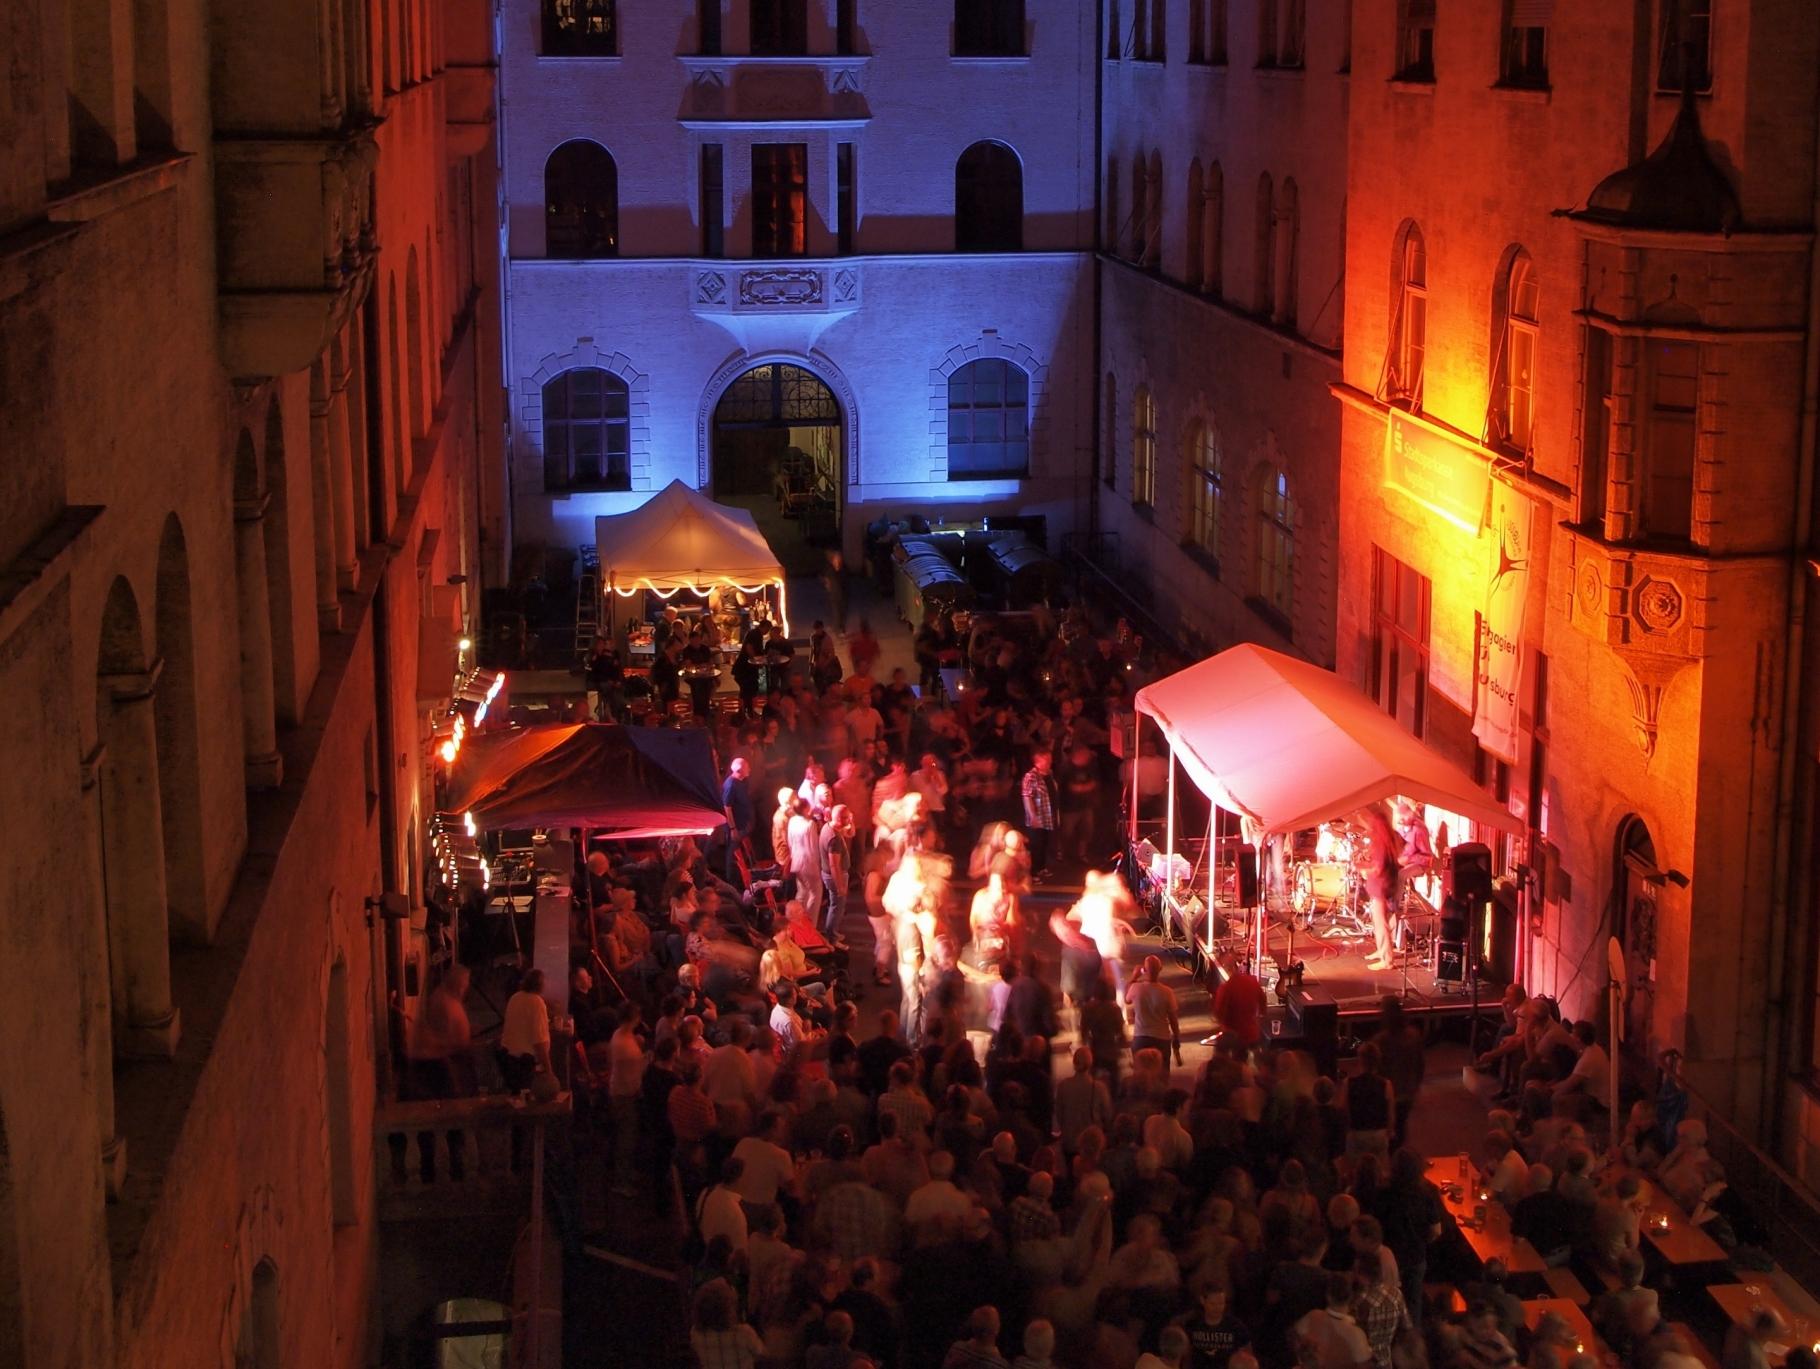 Konzerte im Bürgerhof 2005 bis 2017 - Foto: Robert Hösle - Freiwilligen-Zentrum Augsburg